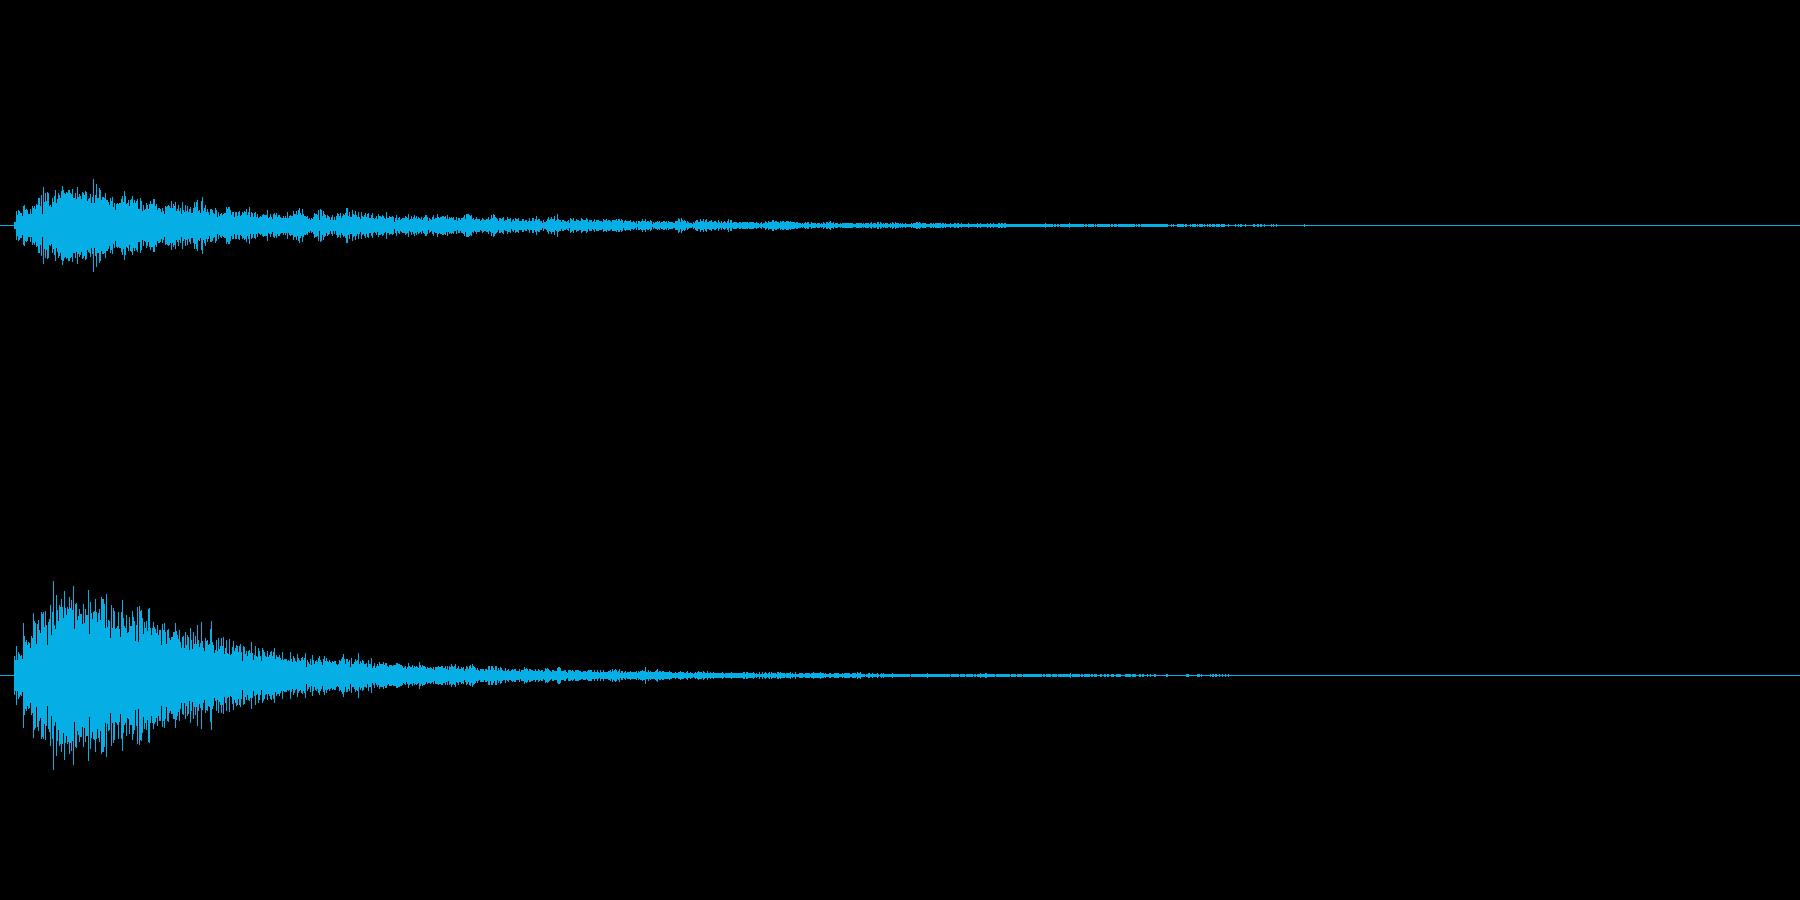 キラキラ系_099の再生済みの波形